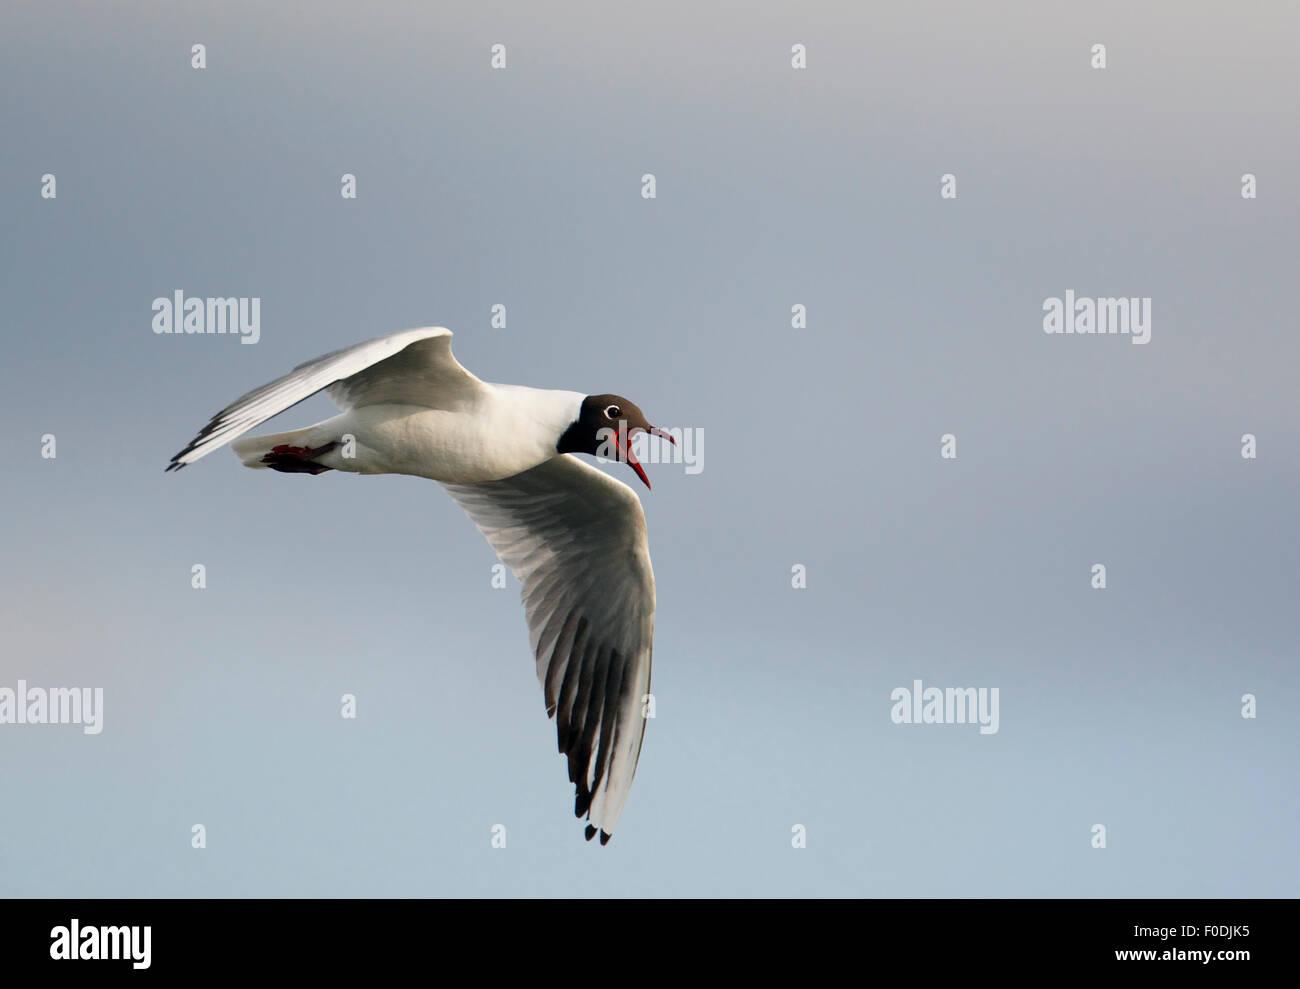 Black-headed gull (Chroicocephalus ridipundus) calling in flight, Pusztaszer, Hungary, May 2008 - Stock Image